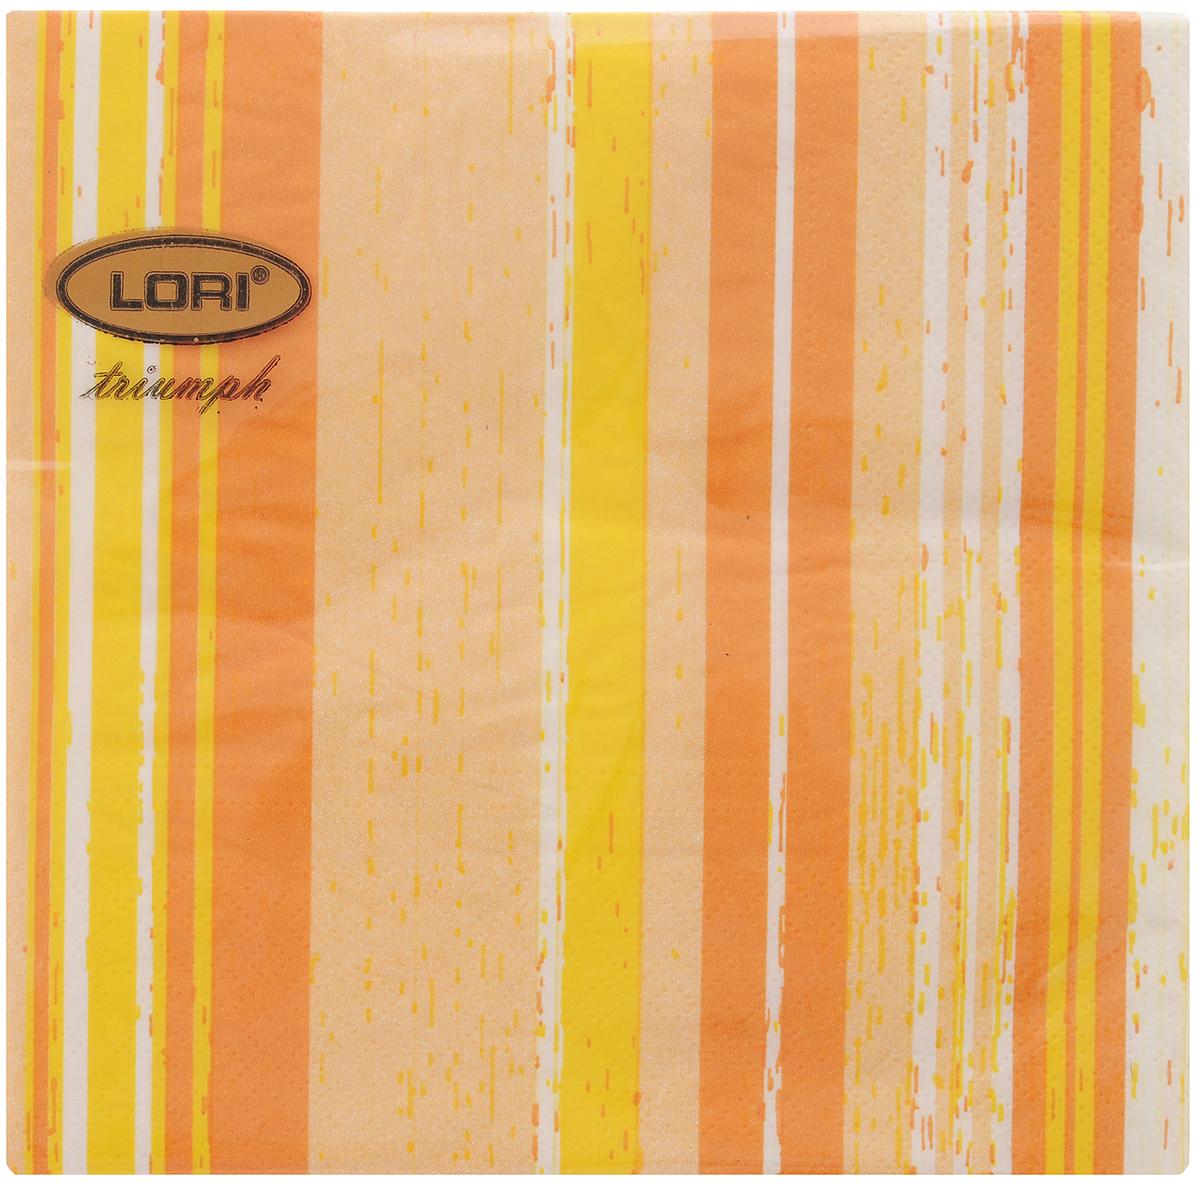 Салфетки бумажные Lori Triumph Полоски, трехслойные, цвет: оранжевый, белый, 33 х 33 см, 20 шт56057Декоративные трехслойные салфетки Lori Triumph Полоски выполнены из 100% целлюлозы и оформлены ярким рисунком. Изделия станут отличным дополнением любого праздничного стола. Они отличаются необычной мягкостью, прочностью и оригинальностью. Размер салфеток в развернутом виде: 33 х 33 см.